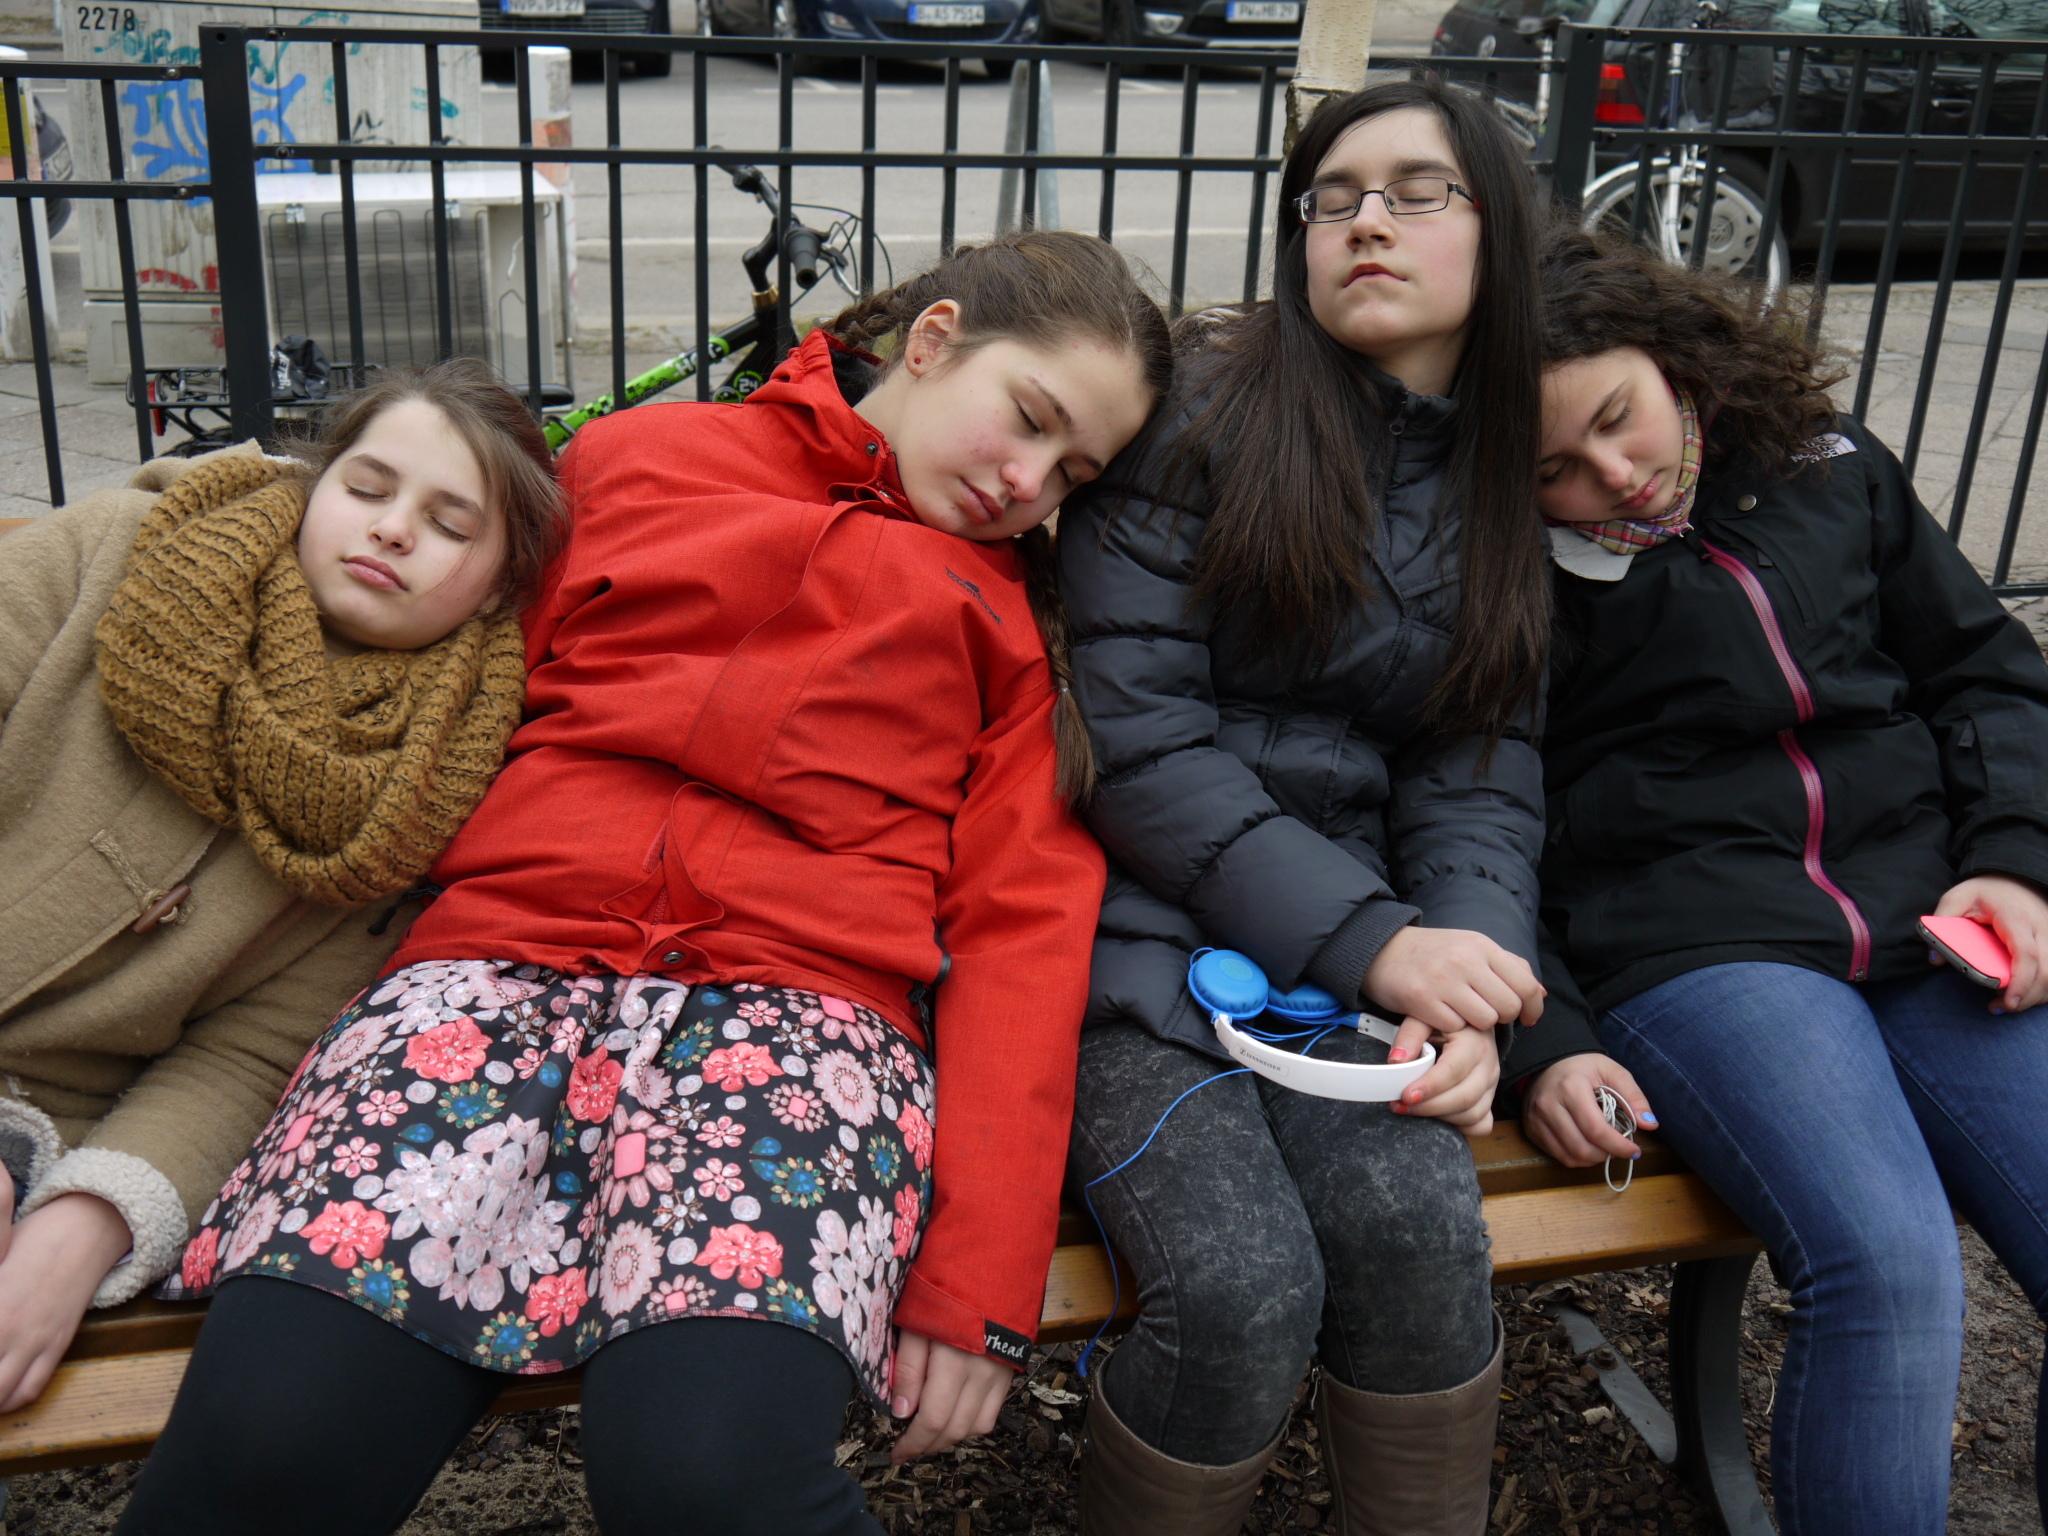 Immerzu müde? Kein Wunder. Wenn man erwachsen wird, ändert sich auch das Schlaf-Verhalten. Viele Experten sagen sogar, es ist deshalb blöd, wenn Jugendliche so früh aufstehen müssen. (Foto: dpa)